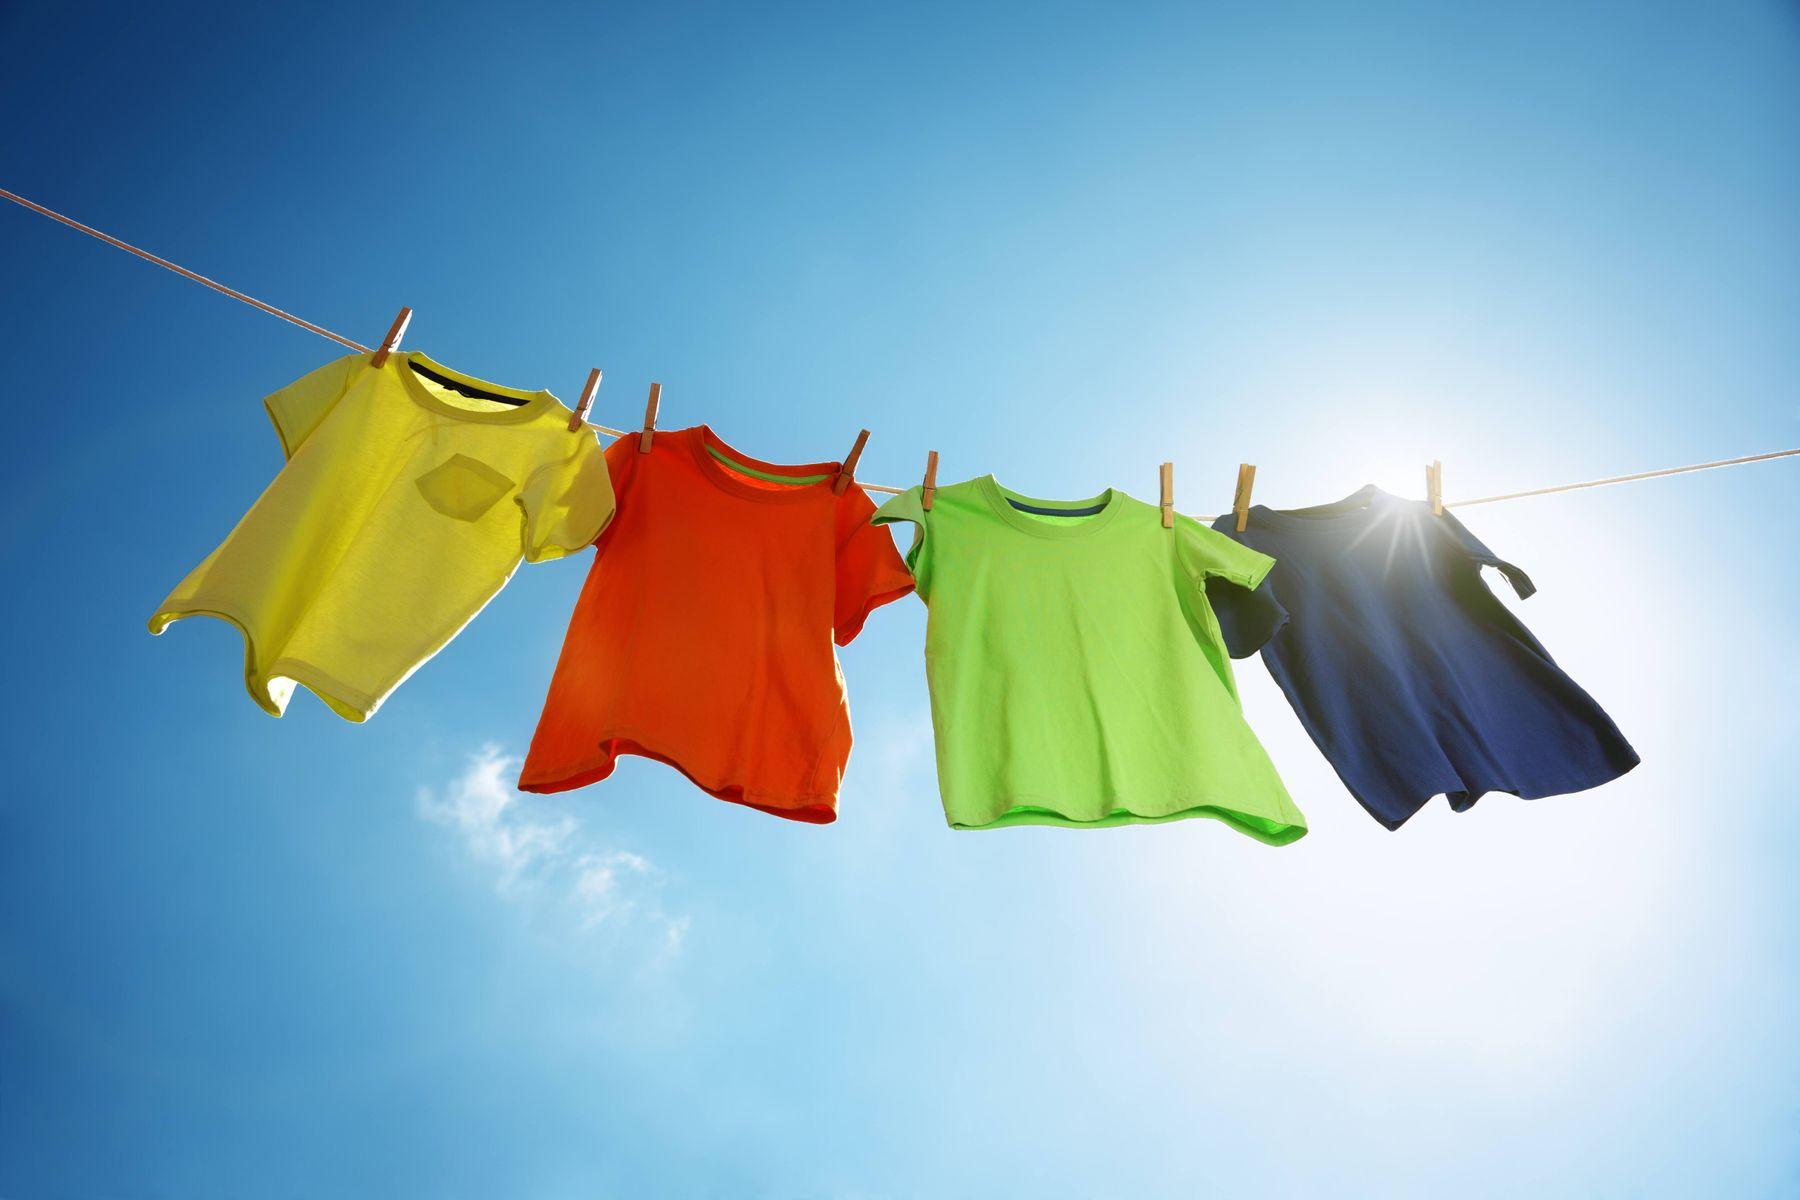 4 camisetas coloridas penduradas no varal com céu azul e sol ao fundo